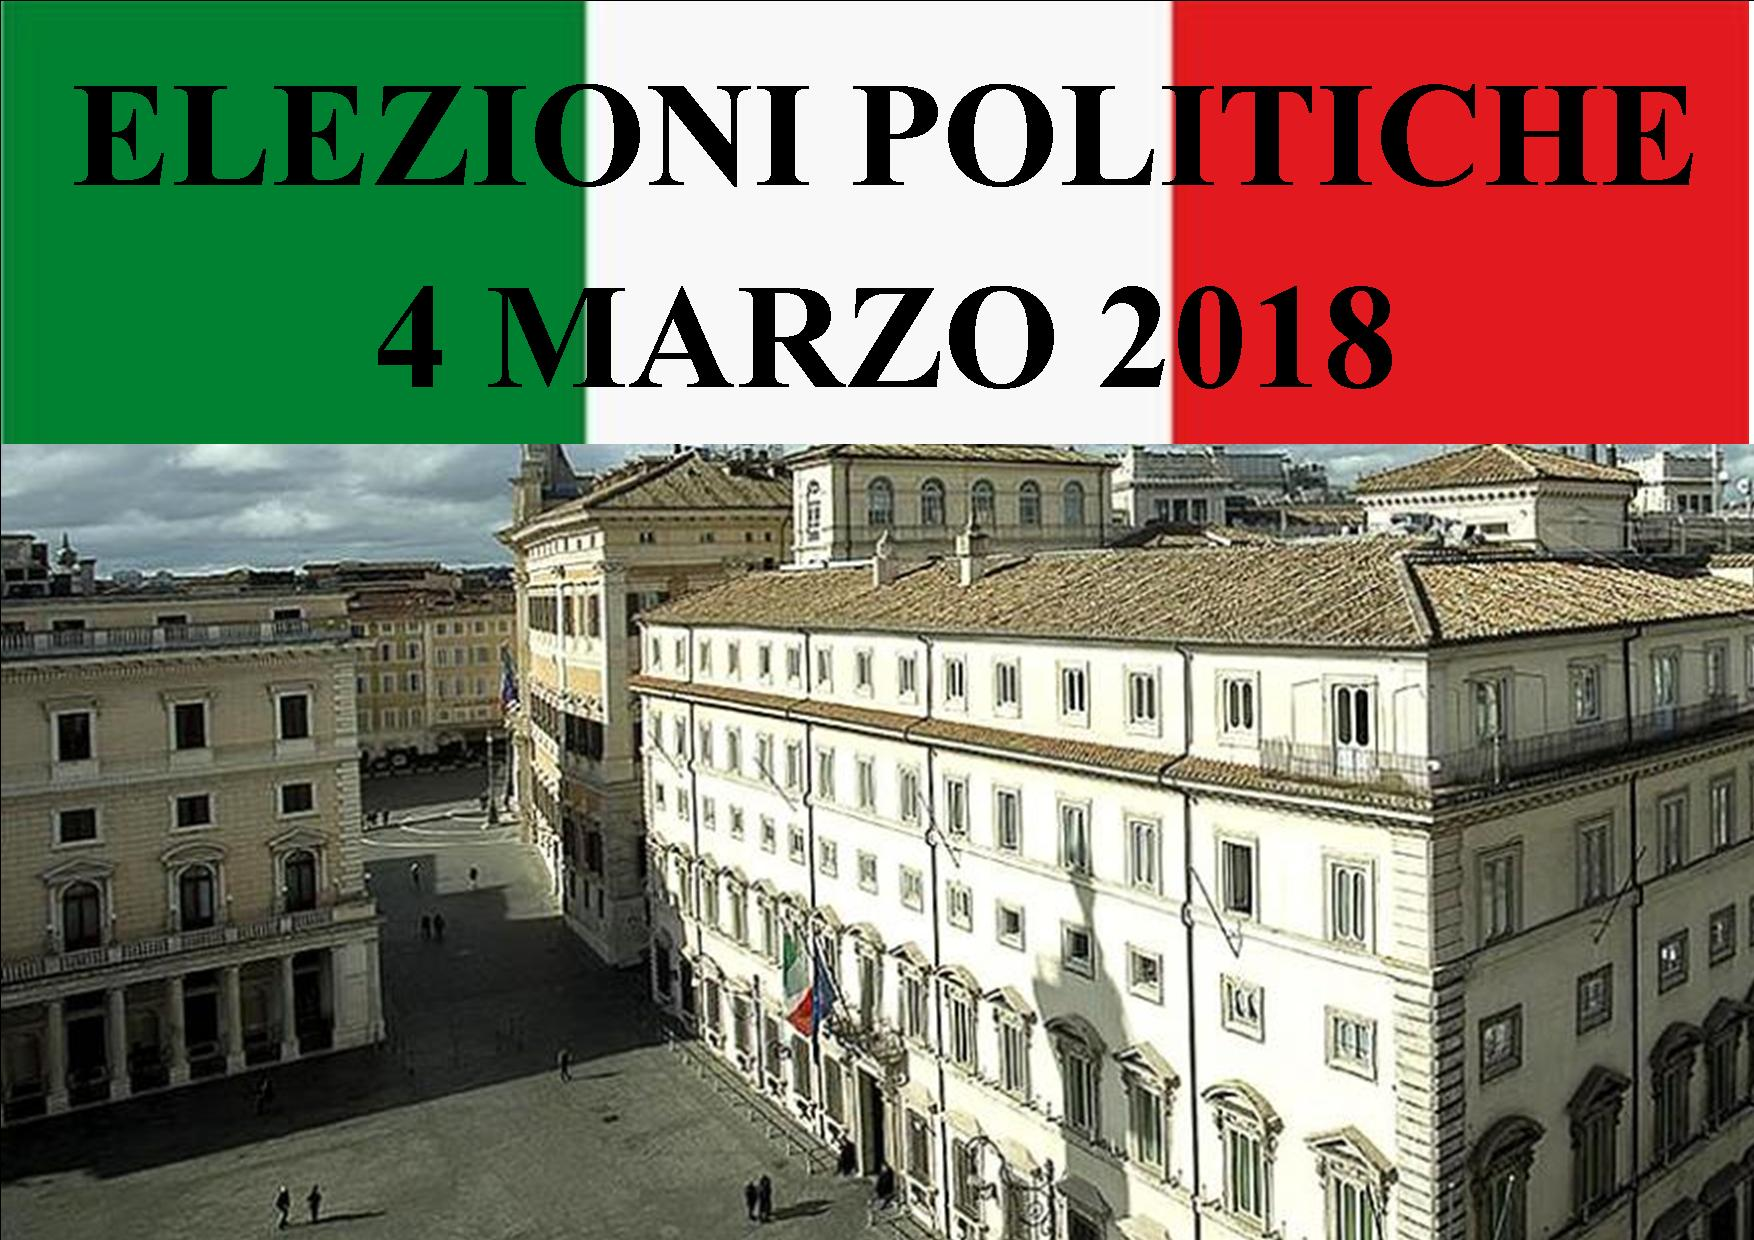 speciale elezioni 4 marzo